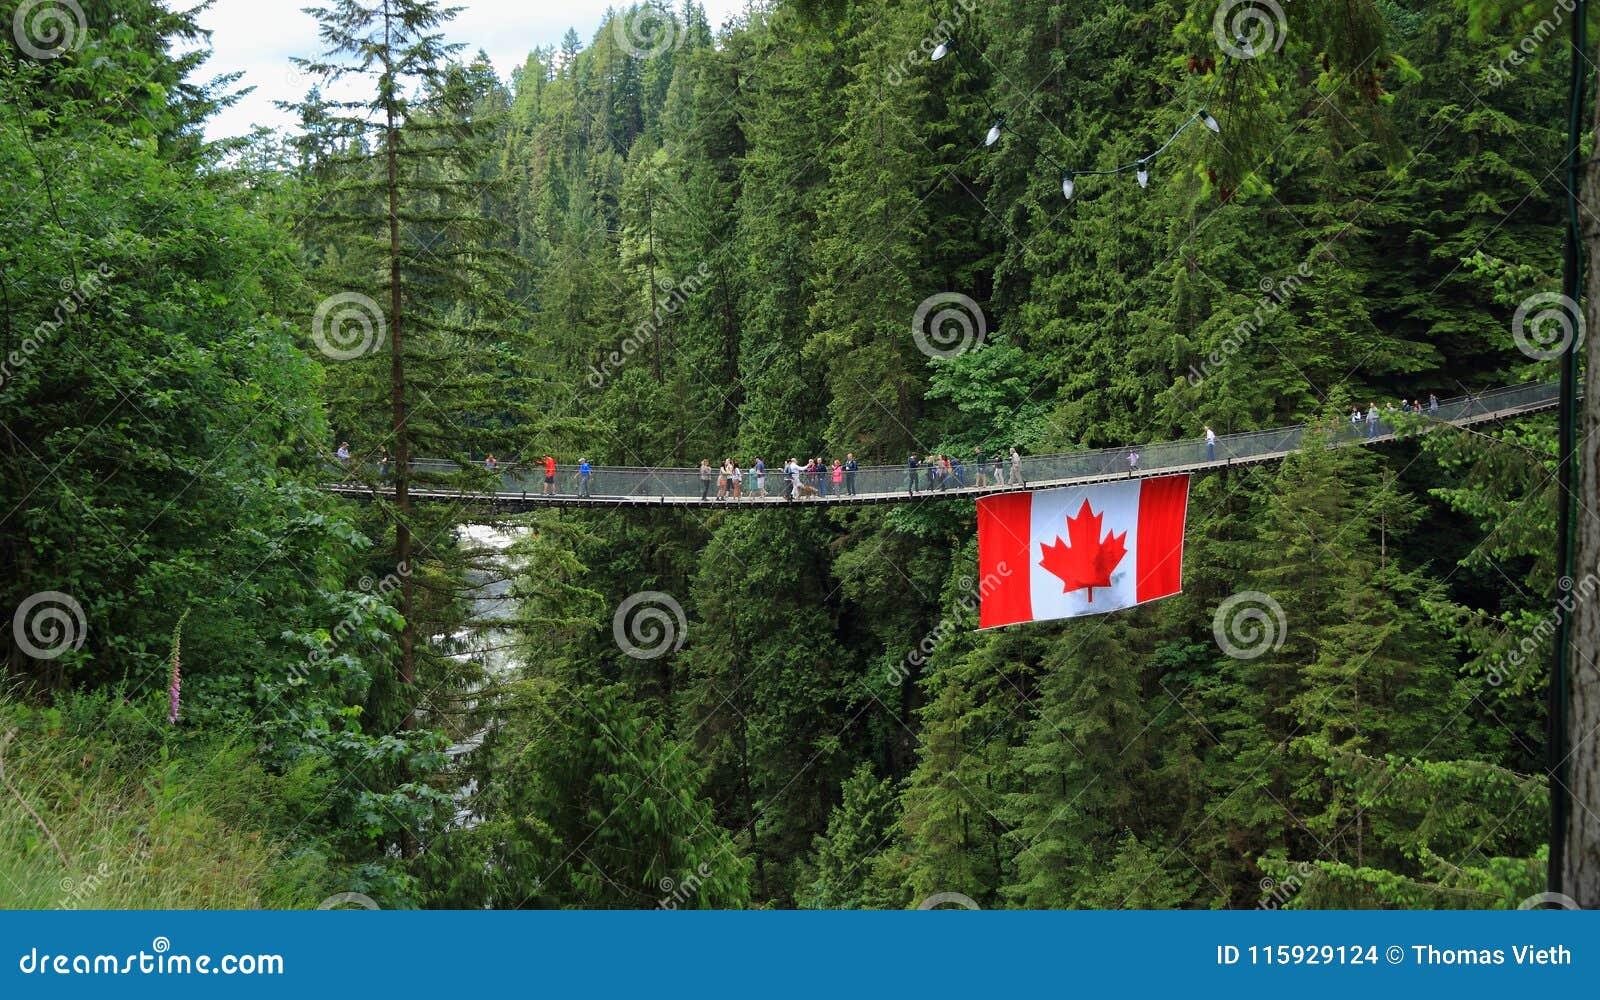 Ванкувер, Канада: Туризм - висячий мост Capilano с канадским флагом